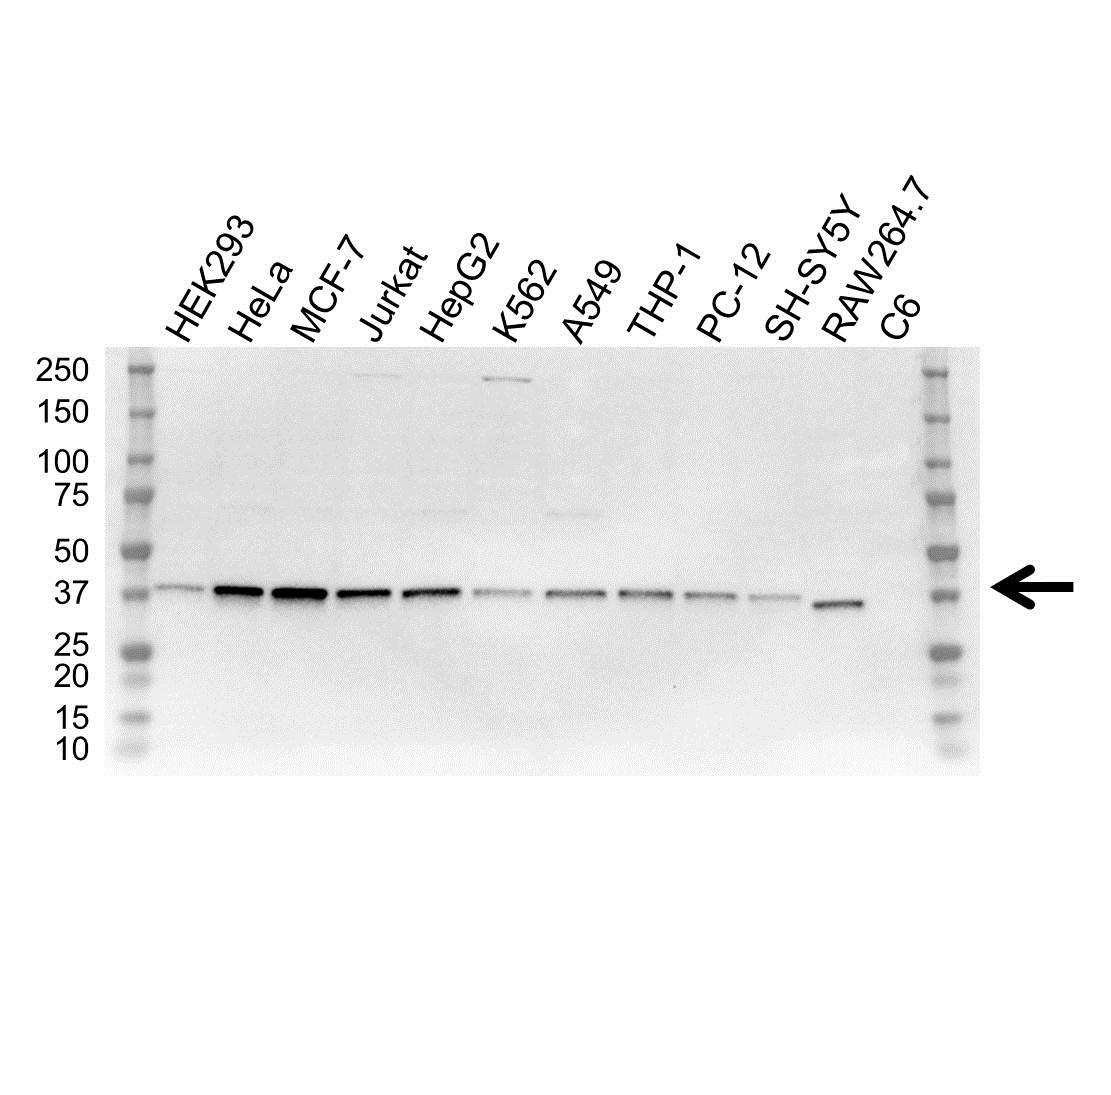 Anti NF Kappa B Inhibitor Alpha Antibody, clone OTI1D4 (PrecisionAb Monoclonal Antibody) gallery image 1